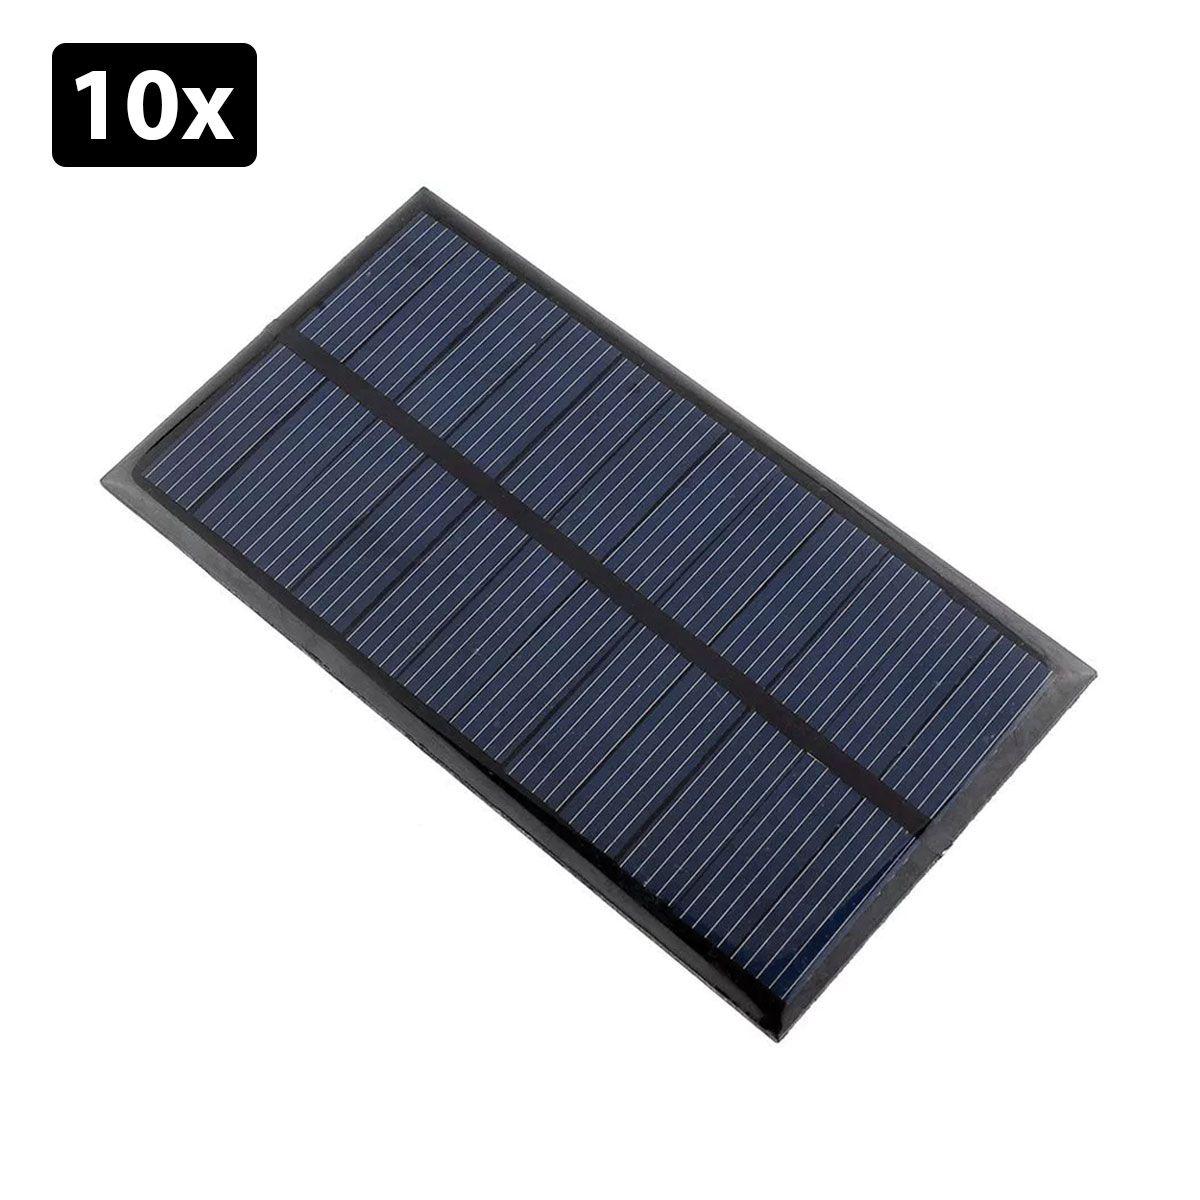 Kit com 10: Mini Painel / Placa Célula Solar Energia Fotovoltaica 12v 1.5w